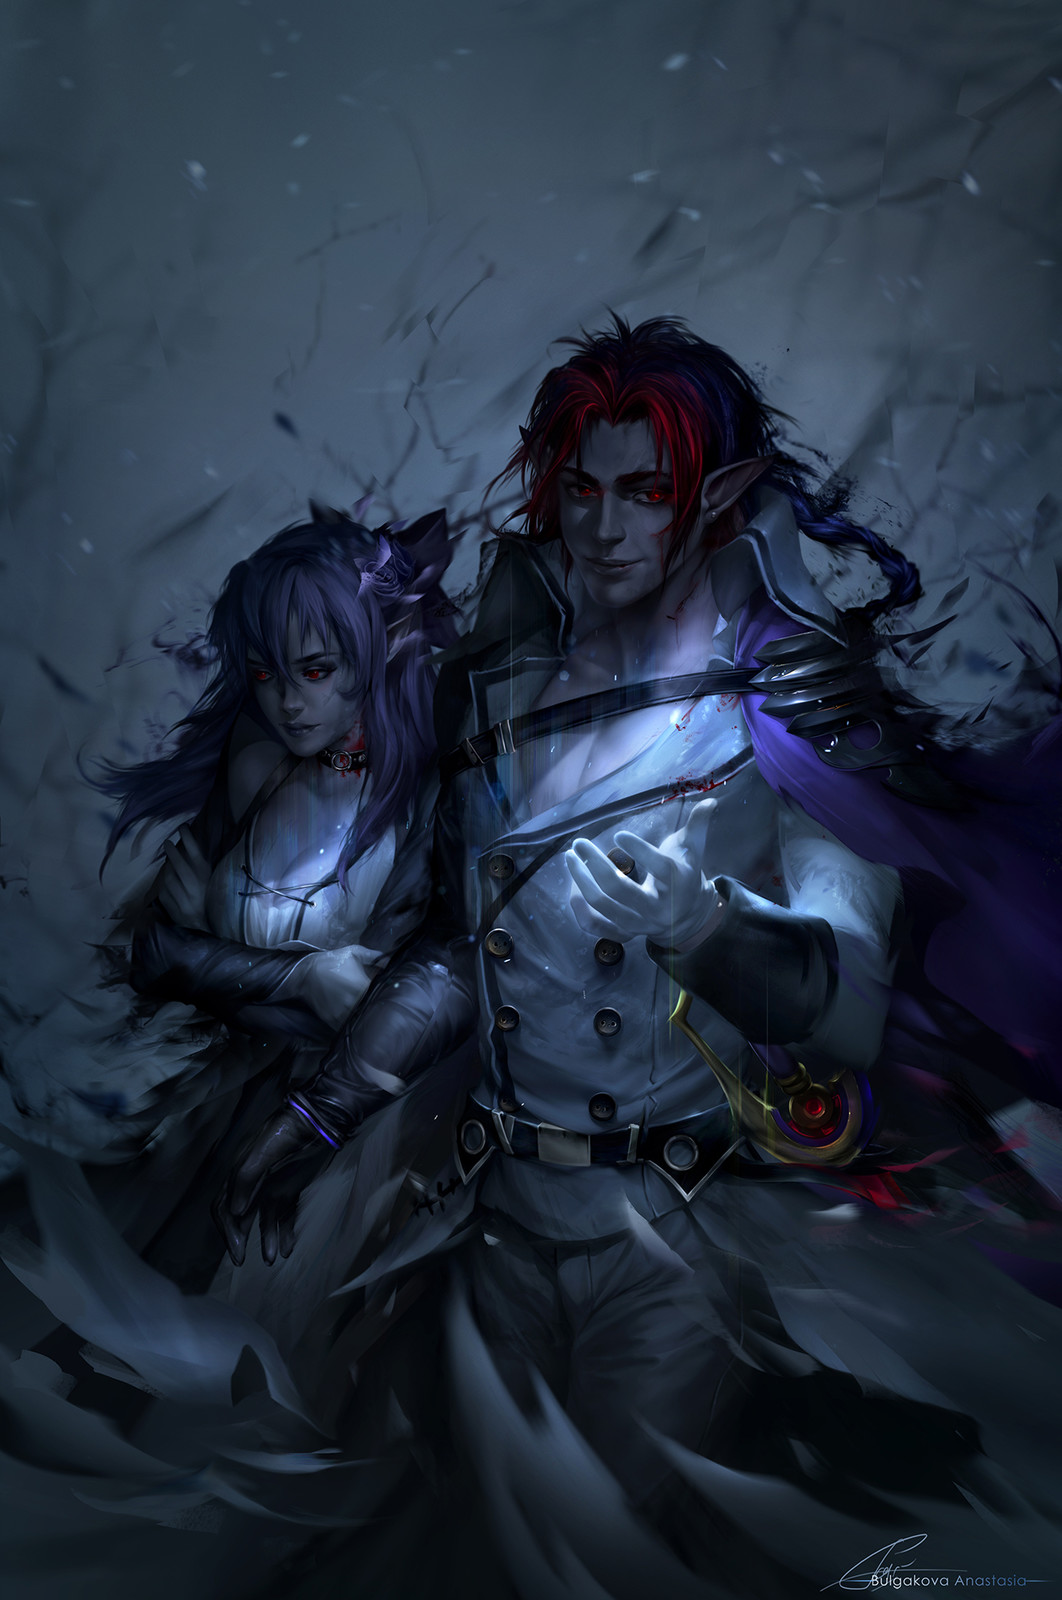 Owari no Seraph: Crowley/Shinoa